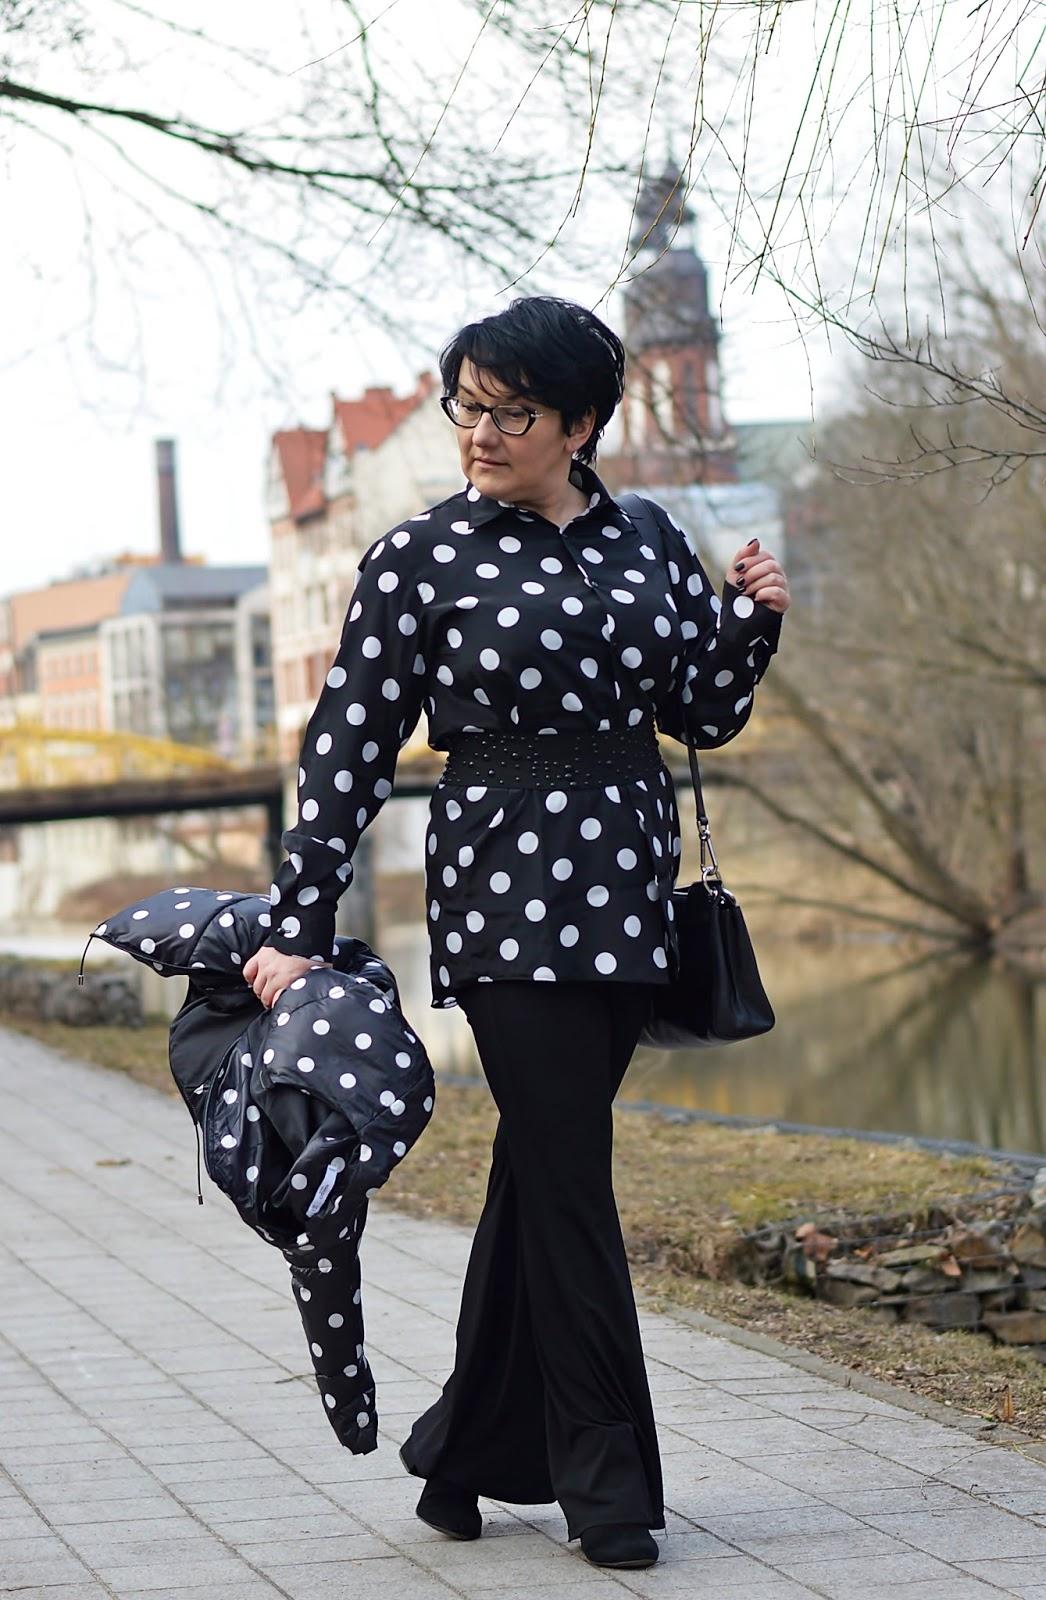 Black and white polka dots,  iało czarne grochy, czarno - białe grochy